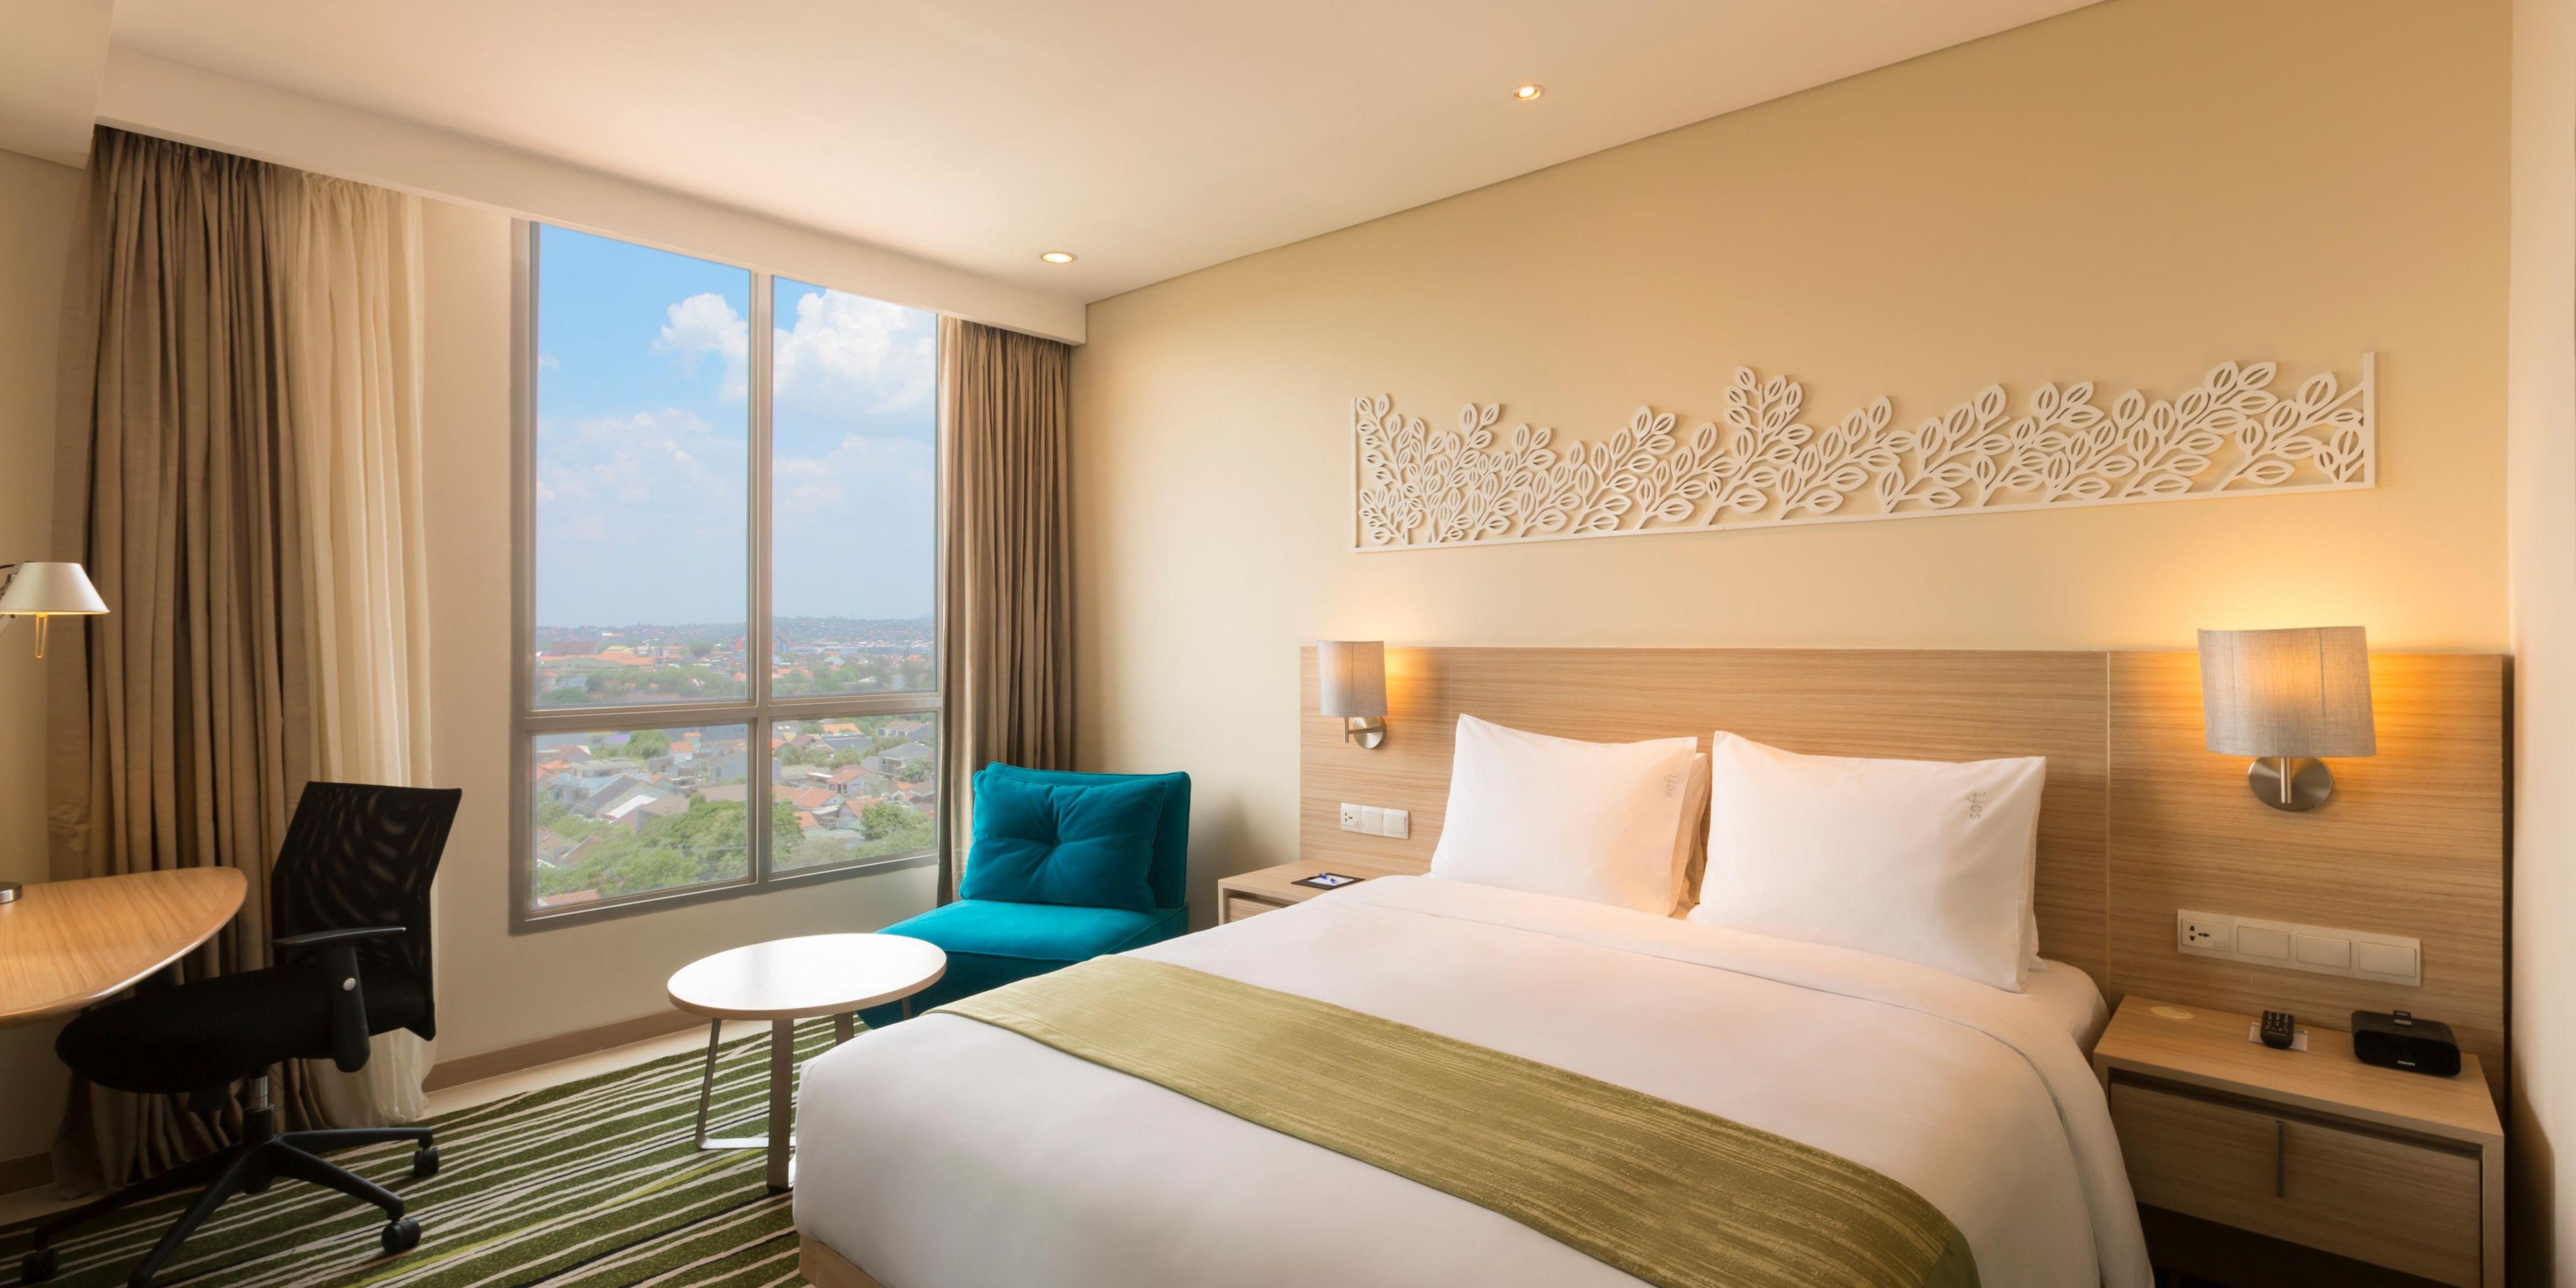 Holiday Inn Express Semarang 3506221231 2x1